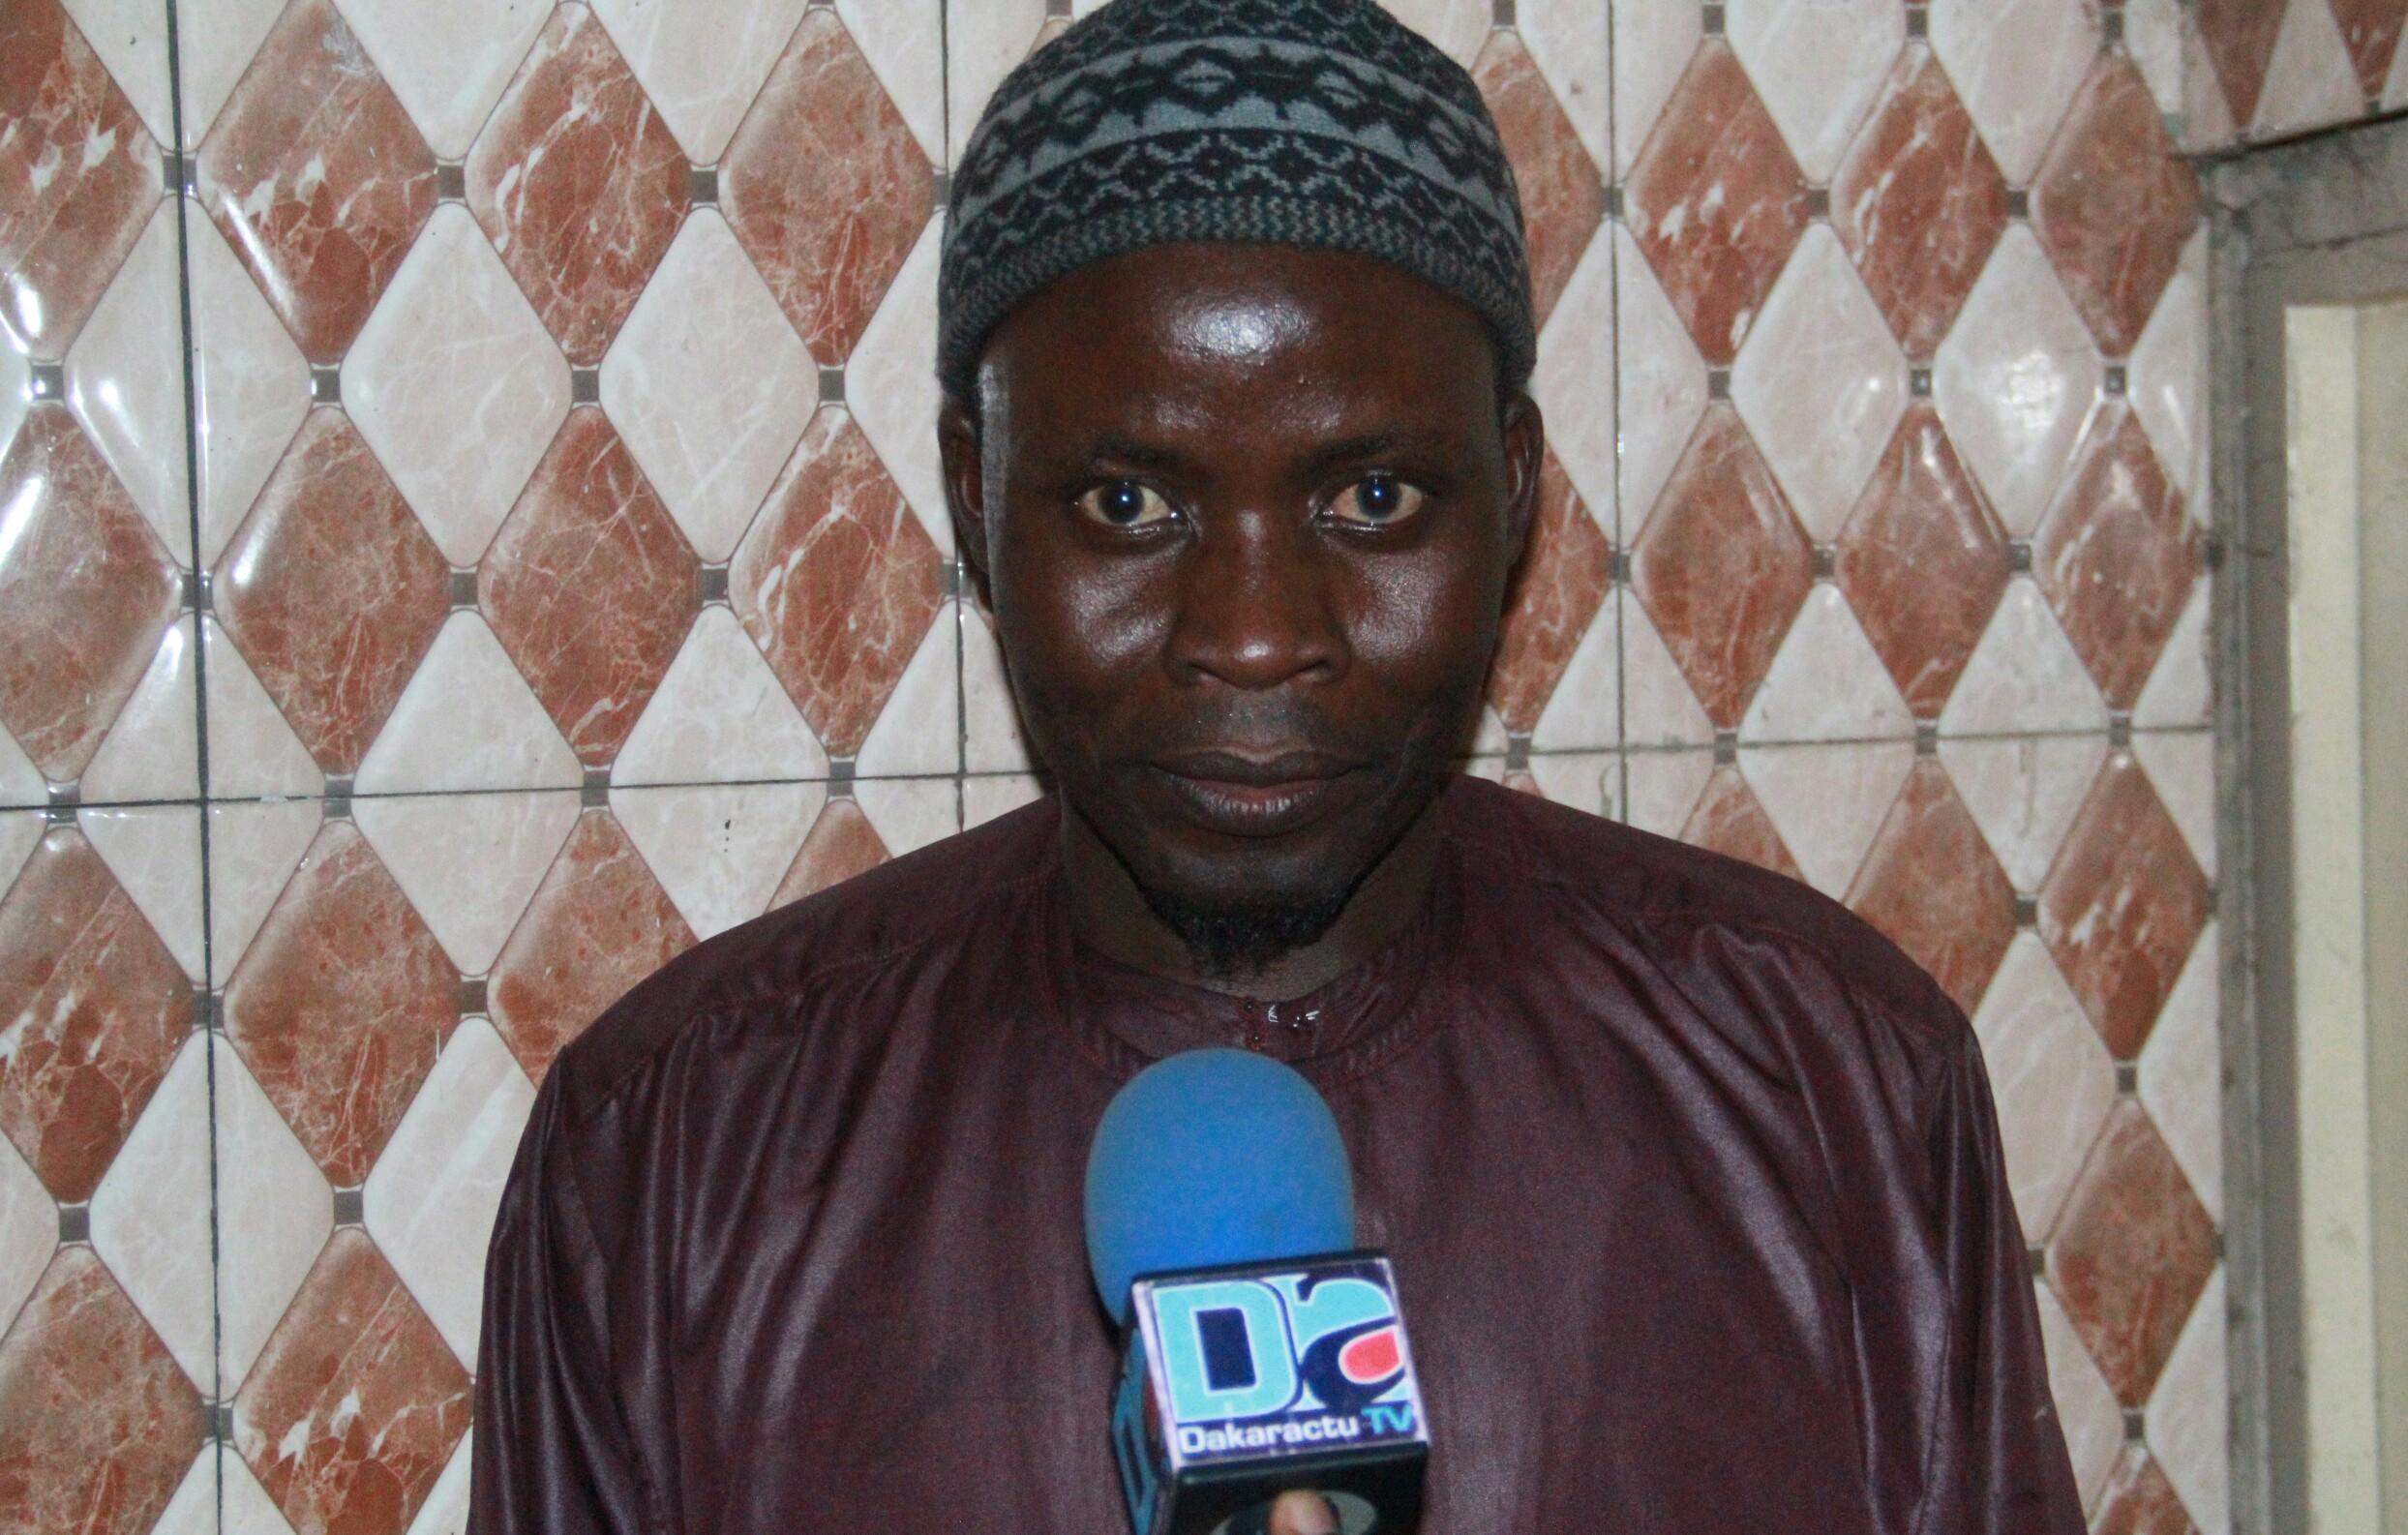 VISITE DE MACKY À TOUBA - Serigne Moustapha Bousso rappelle aux Mourides que l'accueil est un ndigël exclusif du Khalife et de personne d'autre.